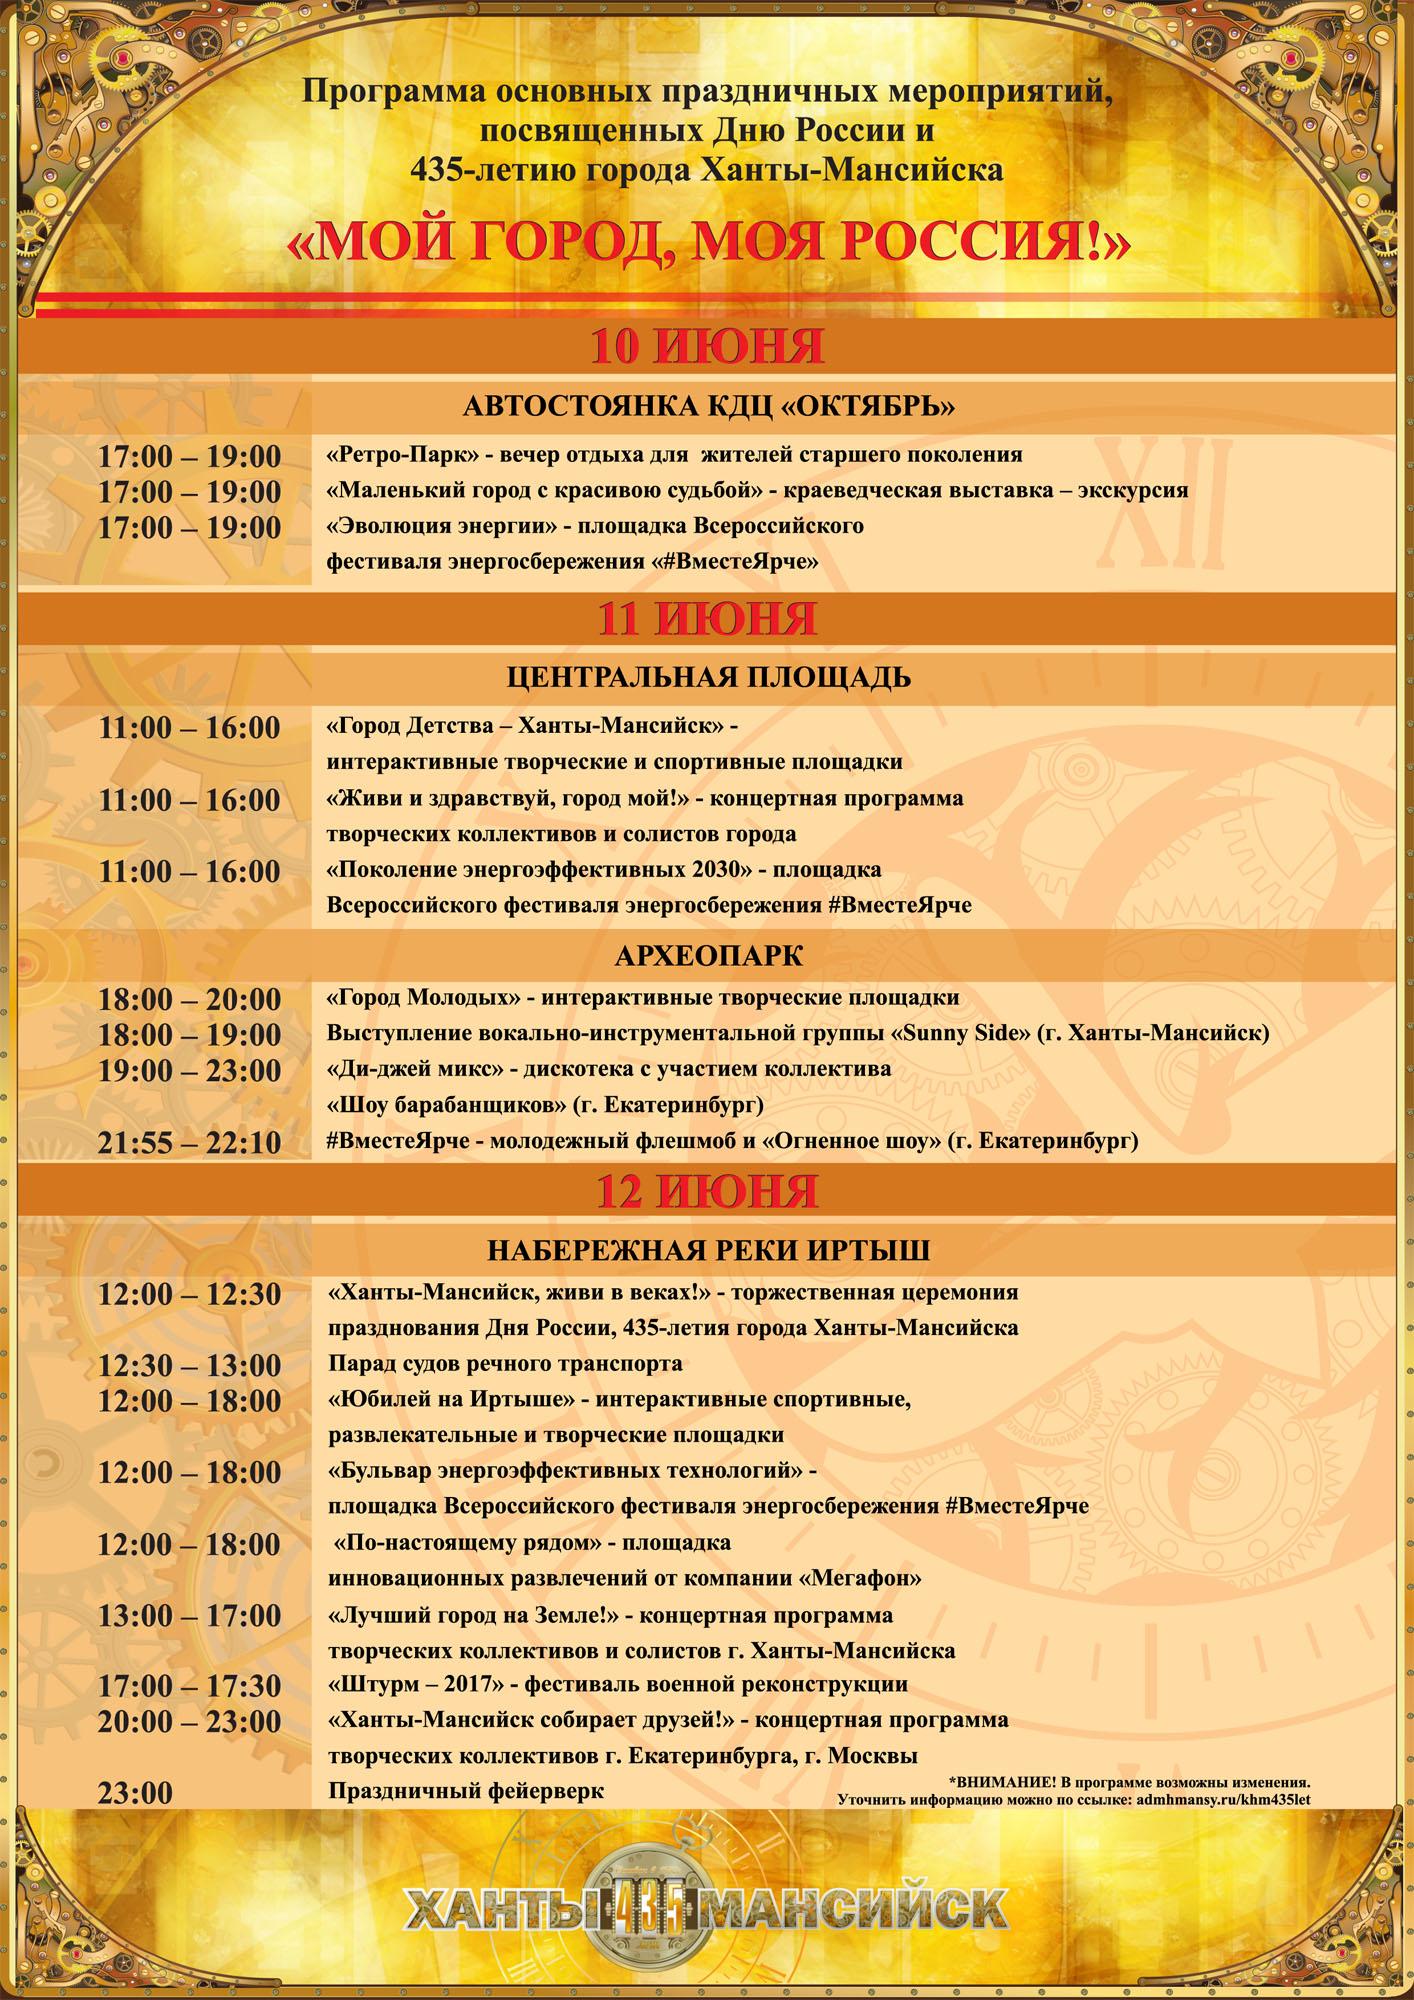 День Города и День России в Ханты-Мансийске - программа мероприятий, когда и где салют